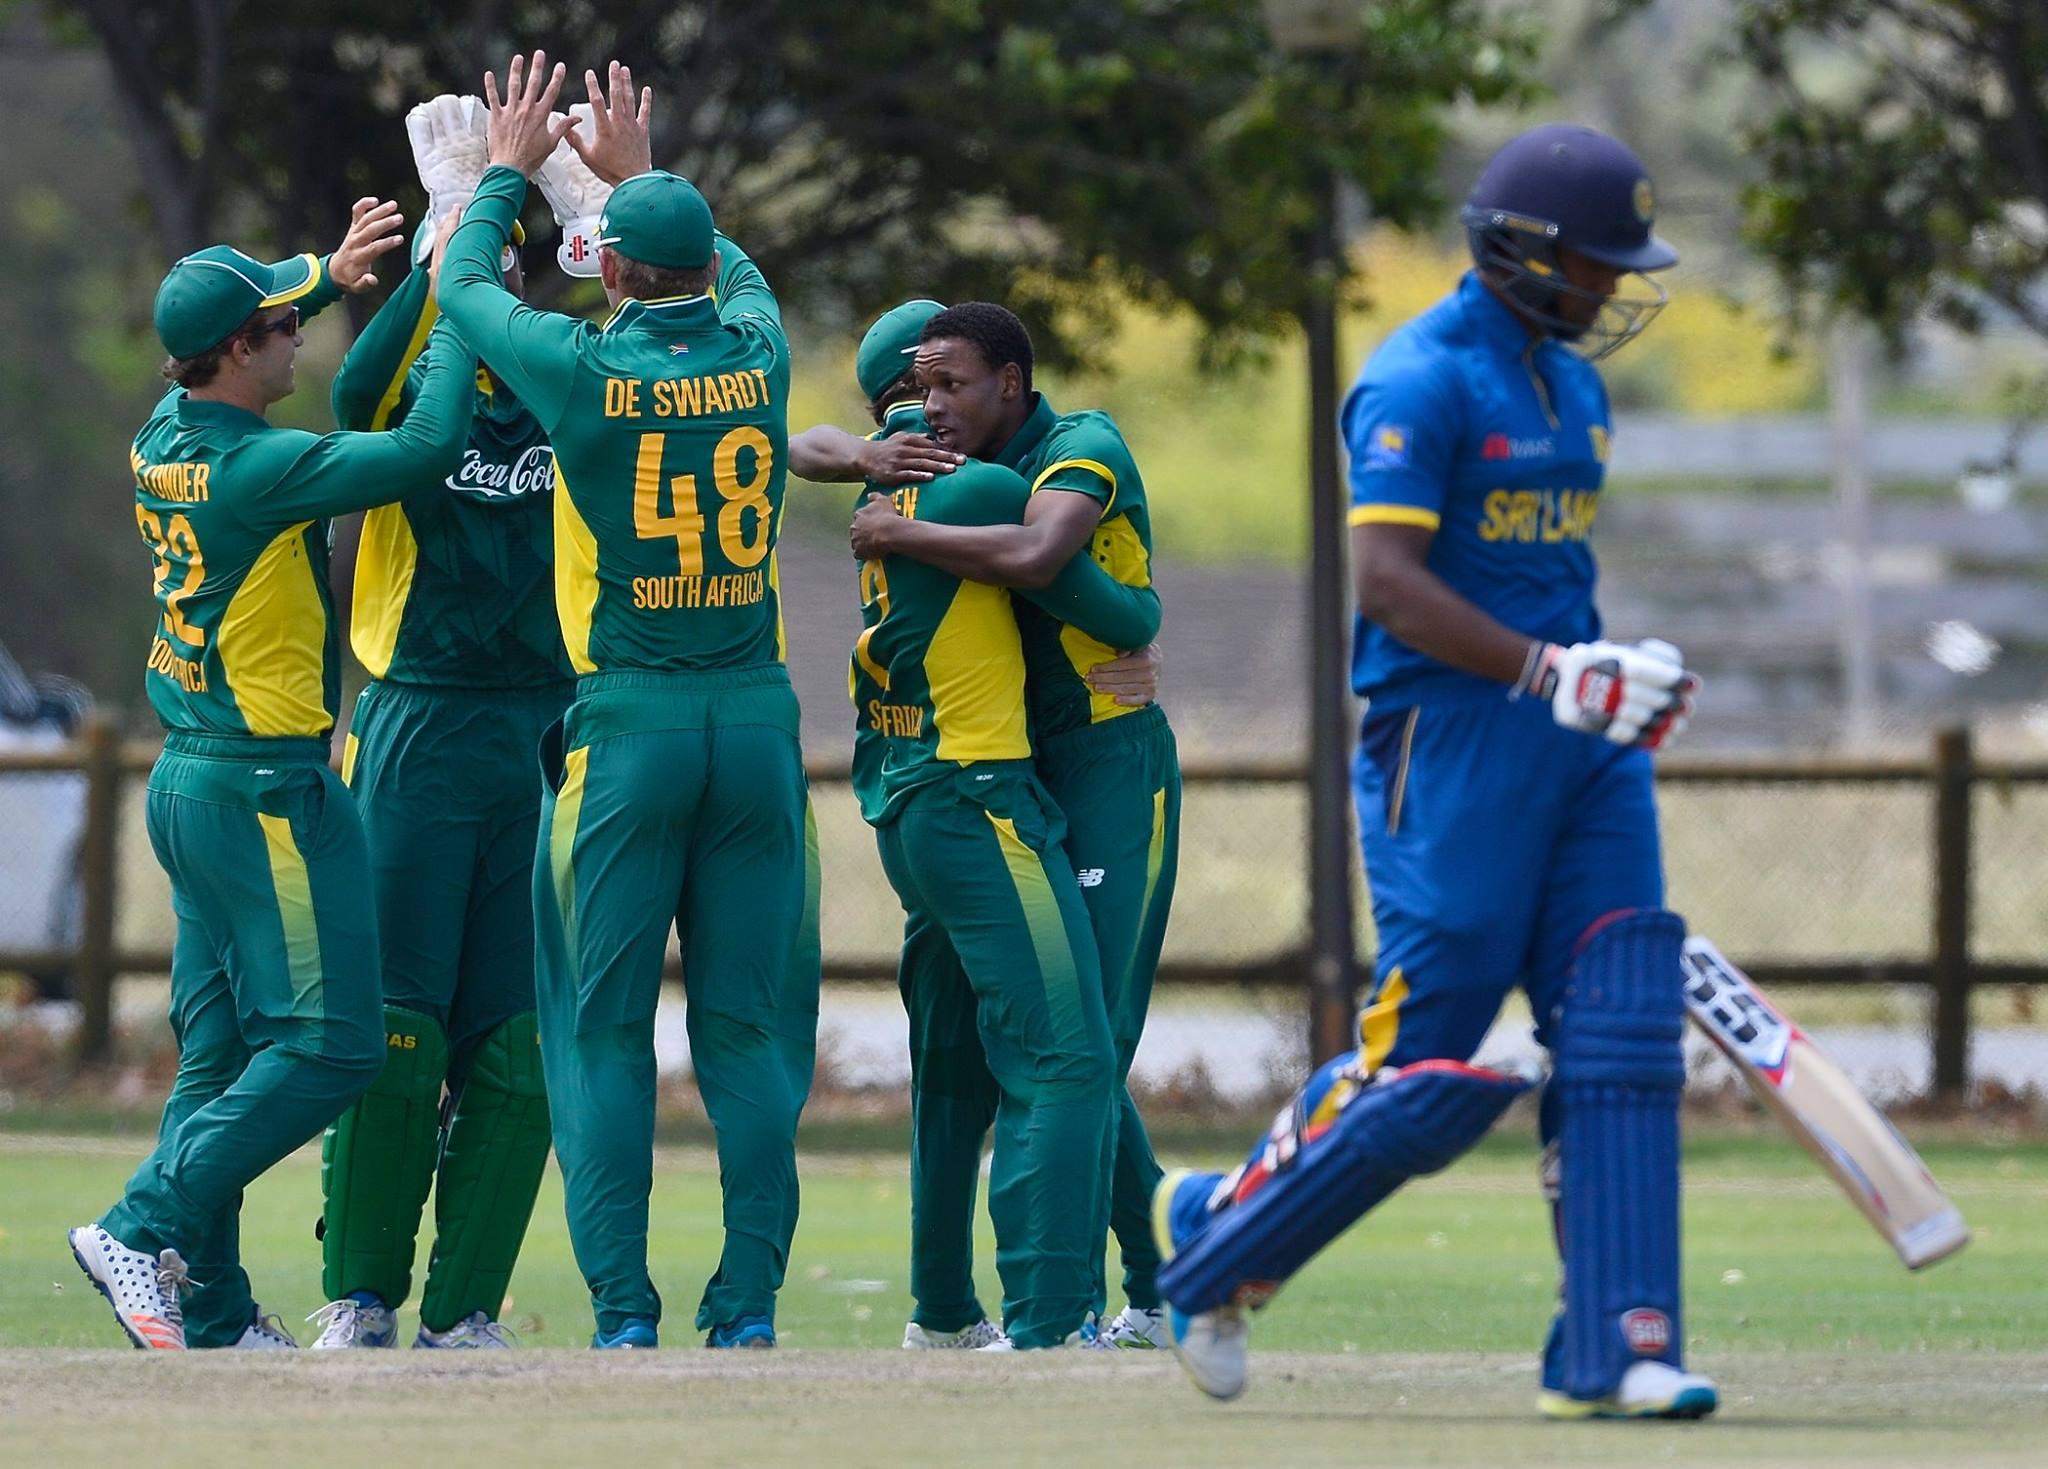 Sri Lanka U19 v South Africa U19 26th January ODI